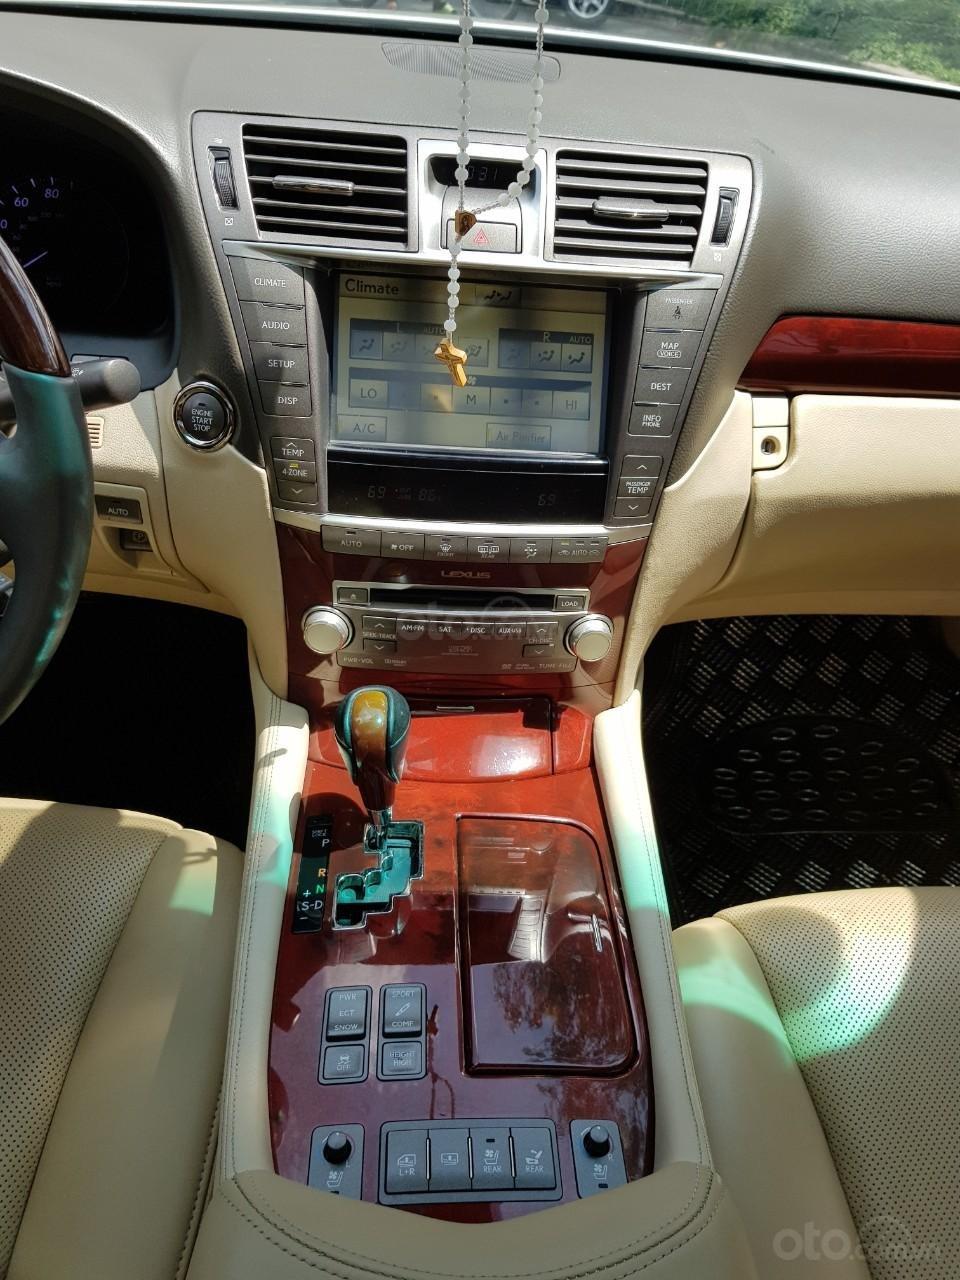 Bán xe Lexus LS460L sản xuất 2010 màu trắng, 5 ghế có matxa, rada, nâng hạ gầm-3